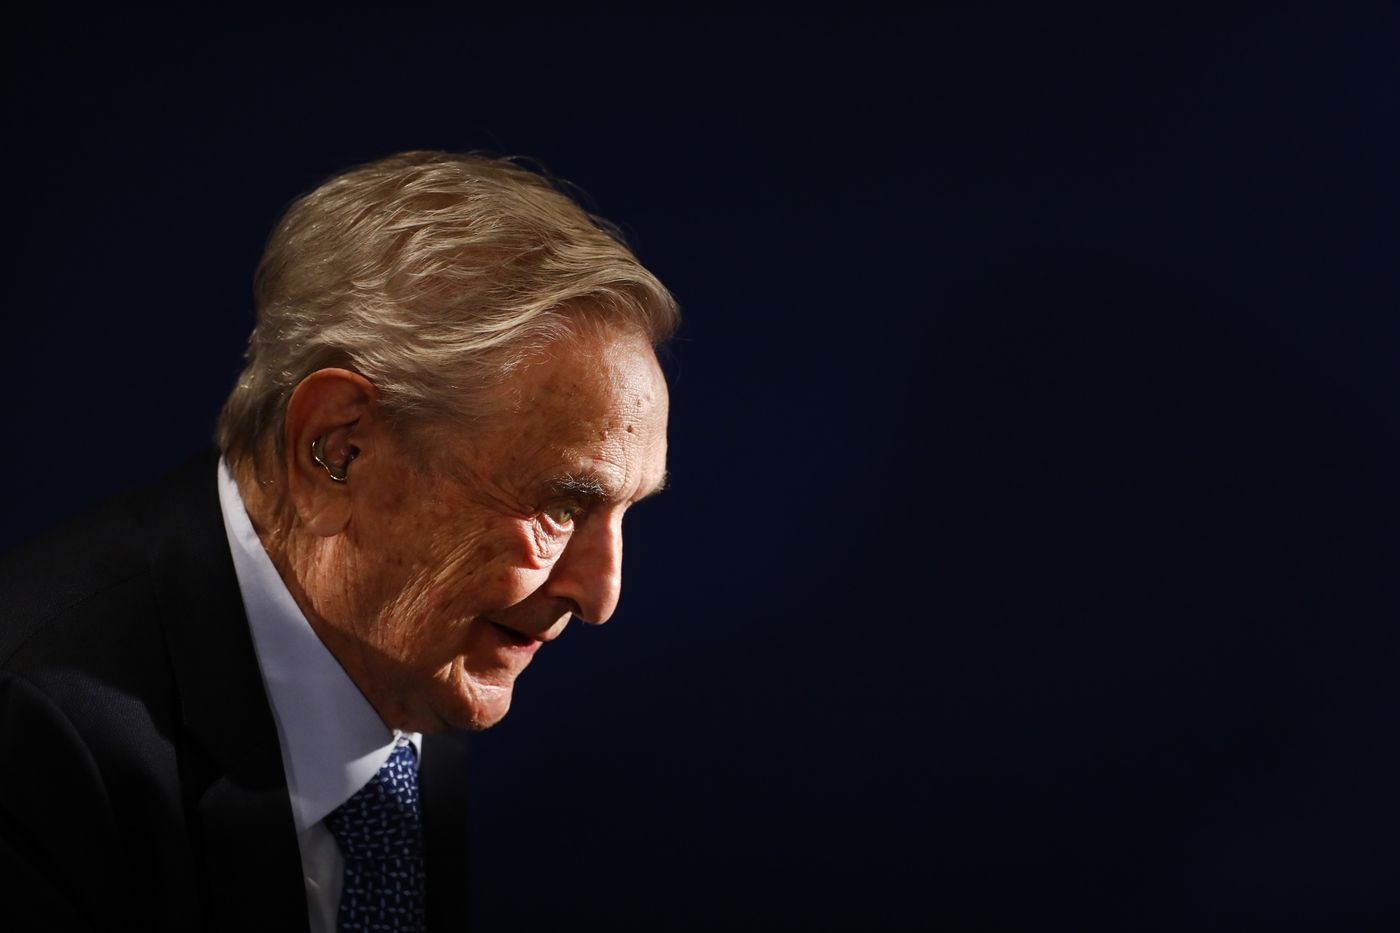 Quỹ của George Soros mua mạnh những cổ phiếu bị bán tháo trong vụ call margin của Archegos